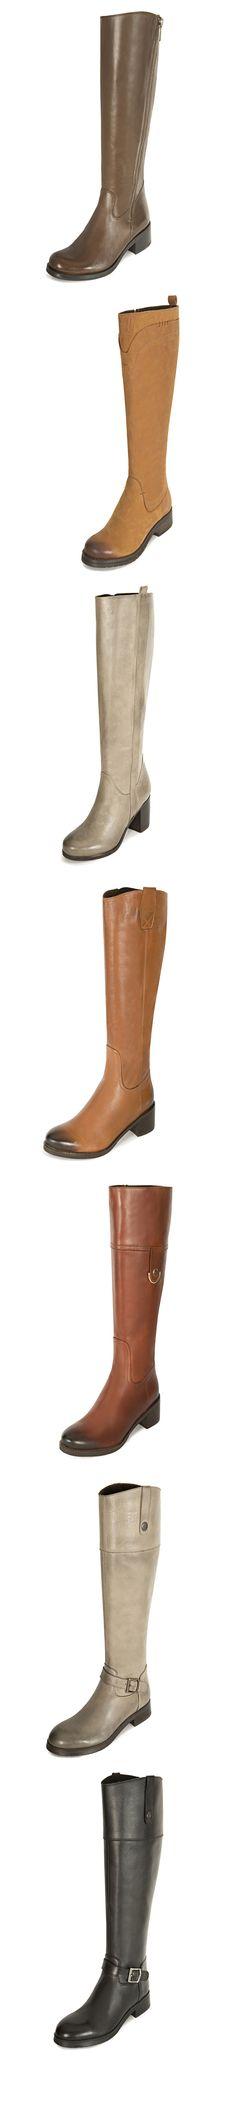 Ogłoszenie wyników na hasło reklamowe butów z najnowszej kolekcji Nessi  http://www.eksmagazyn.pl/kalendarz-imprez/eventy/rozstrzygniecie-konkursu-eksmagazynu-i-nessi/ || #buty #konkurs #moda